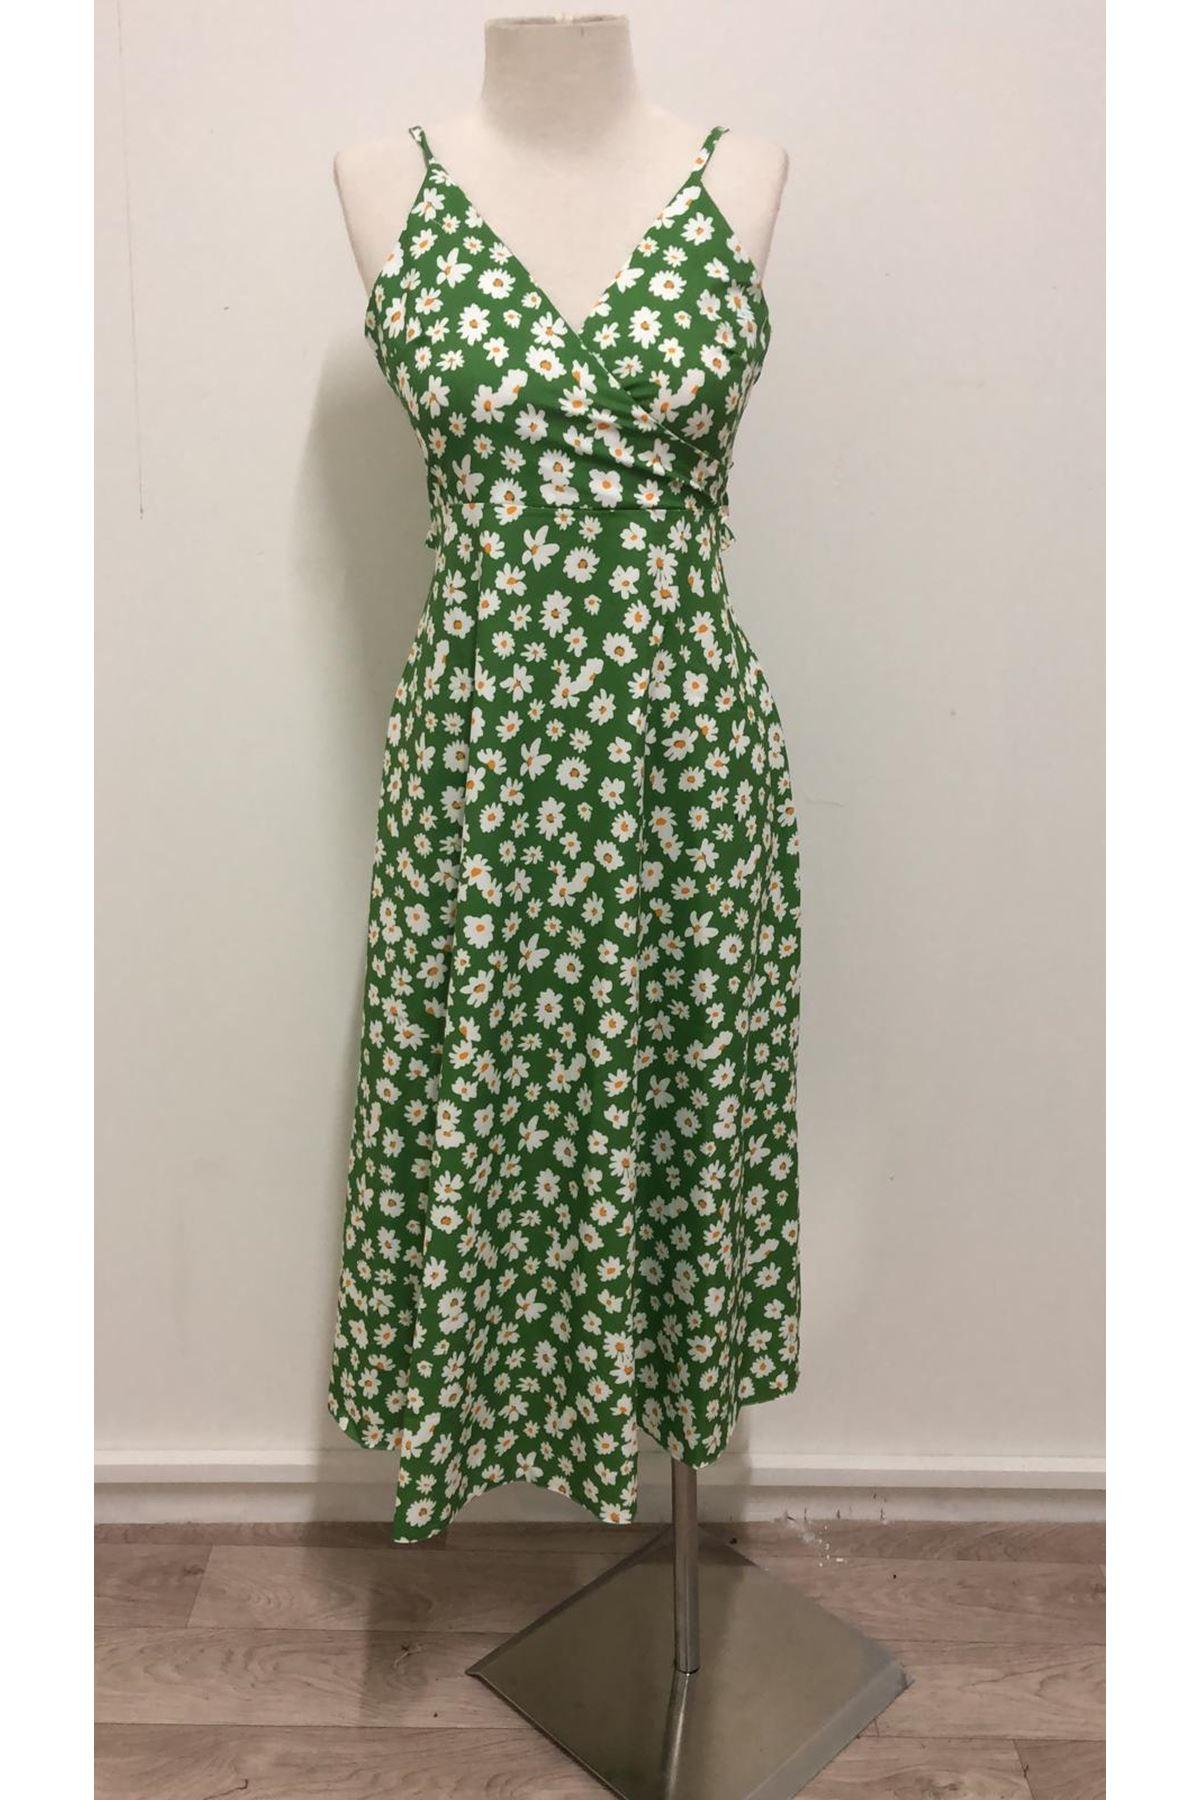 Çıtır Desen Sırt Tasarım Elbise - yeşil